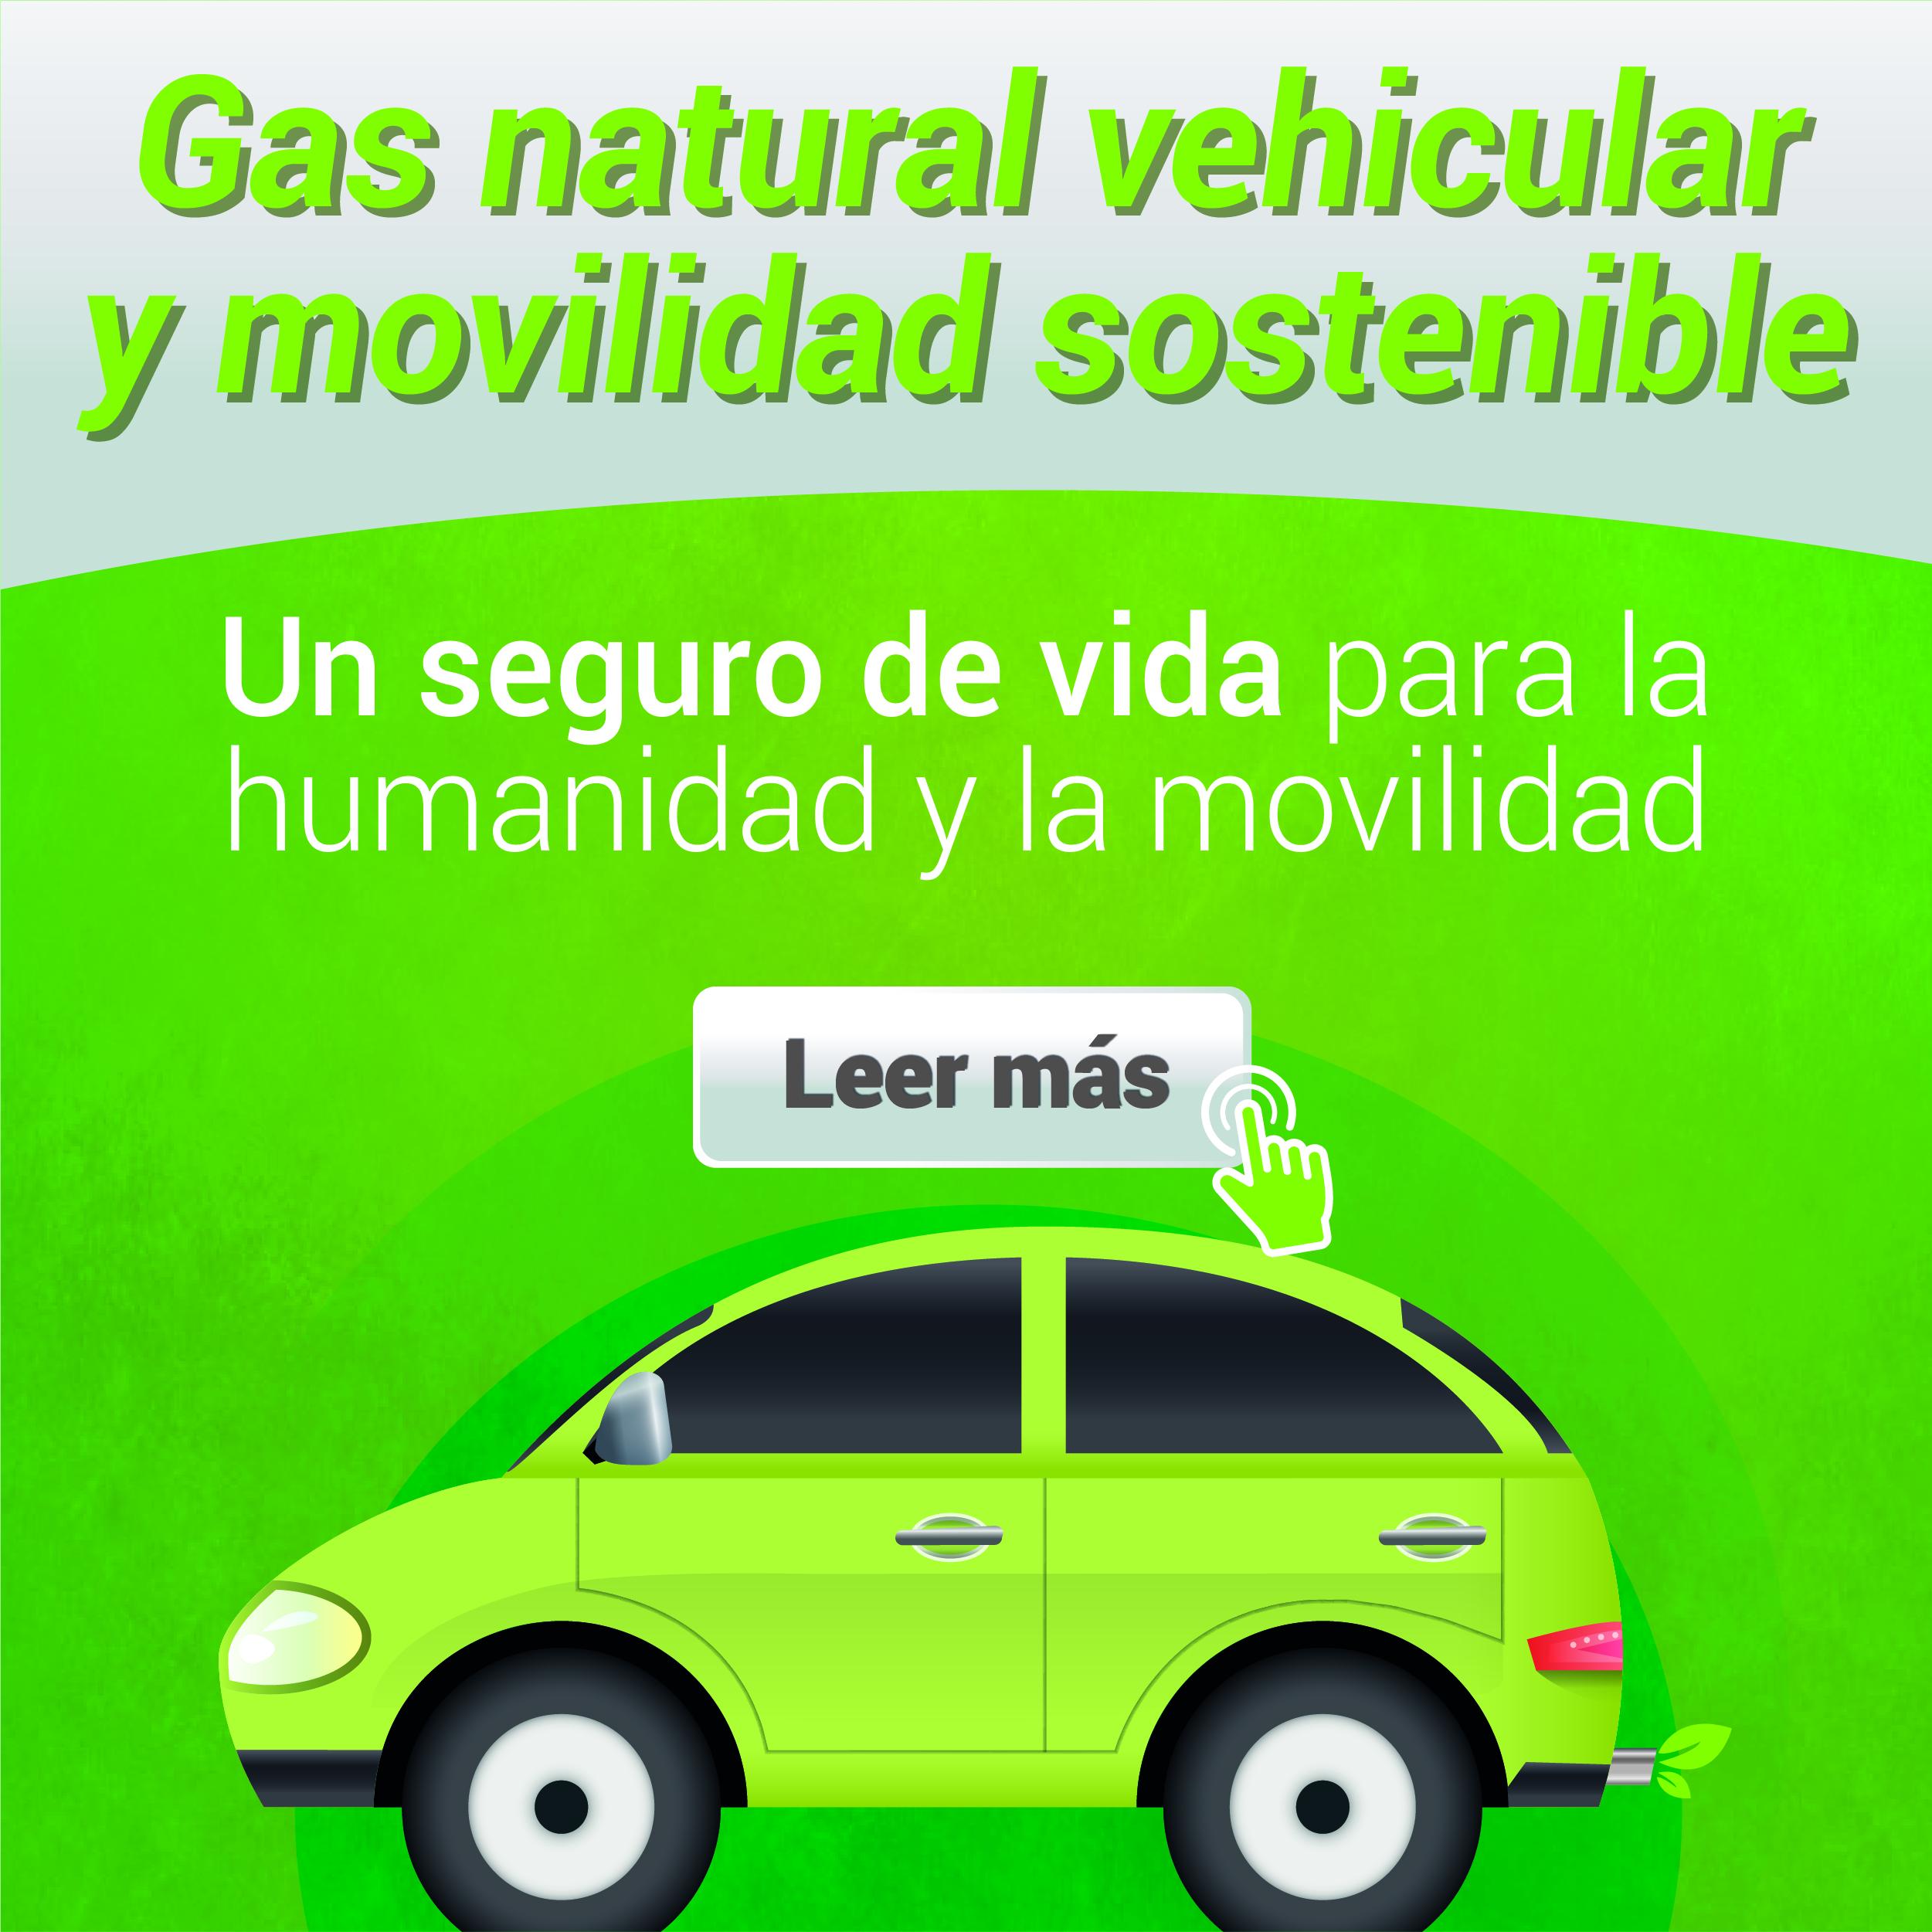 Gas natural vehicular y movilidad sostenible